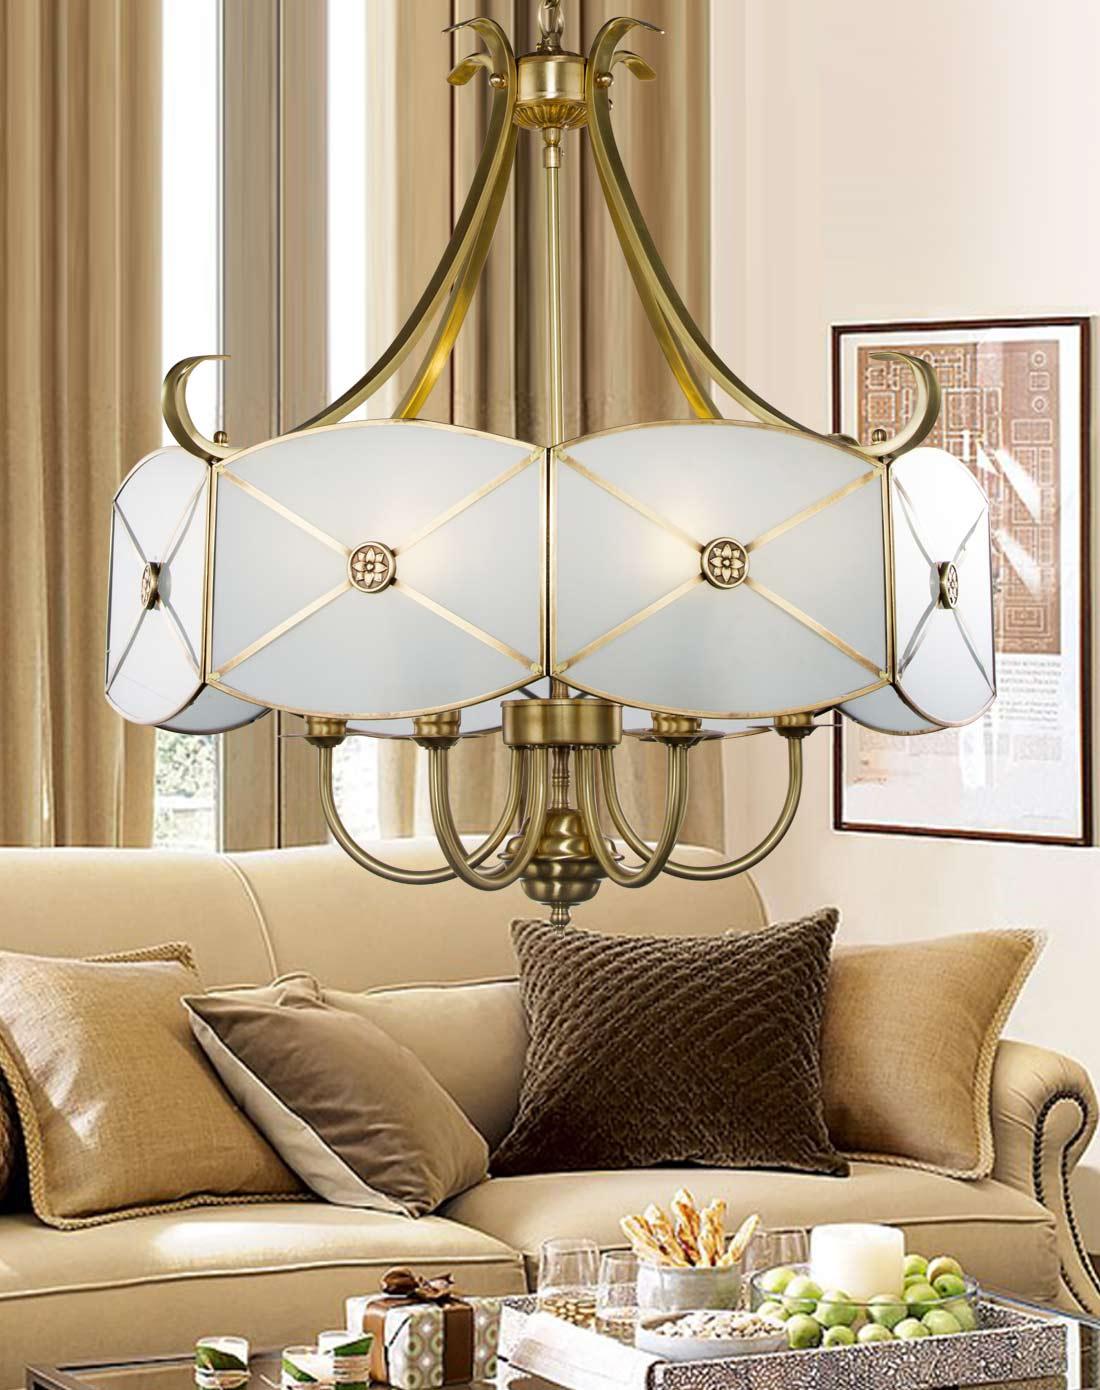 吊灯欧式复古全铜灯饰餐厅灯客厅卧室灯